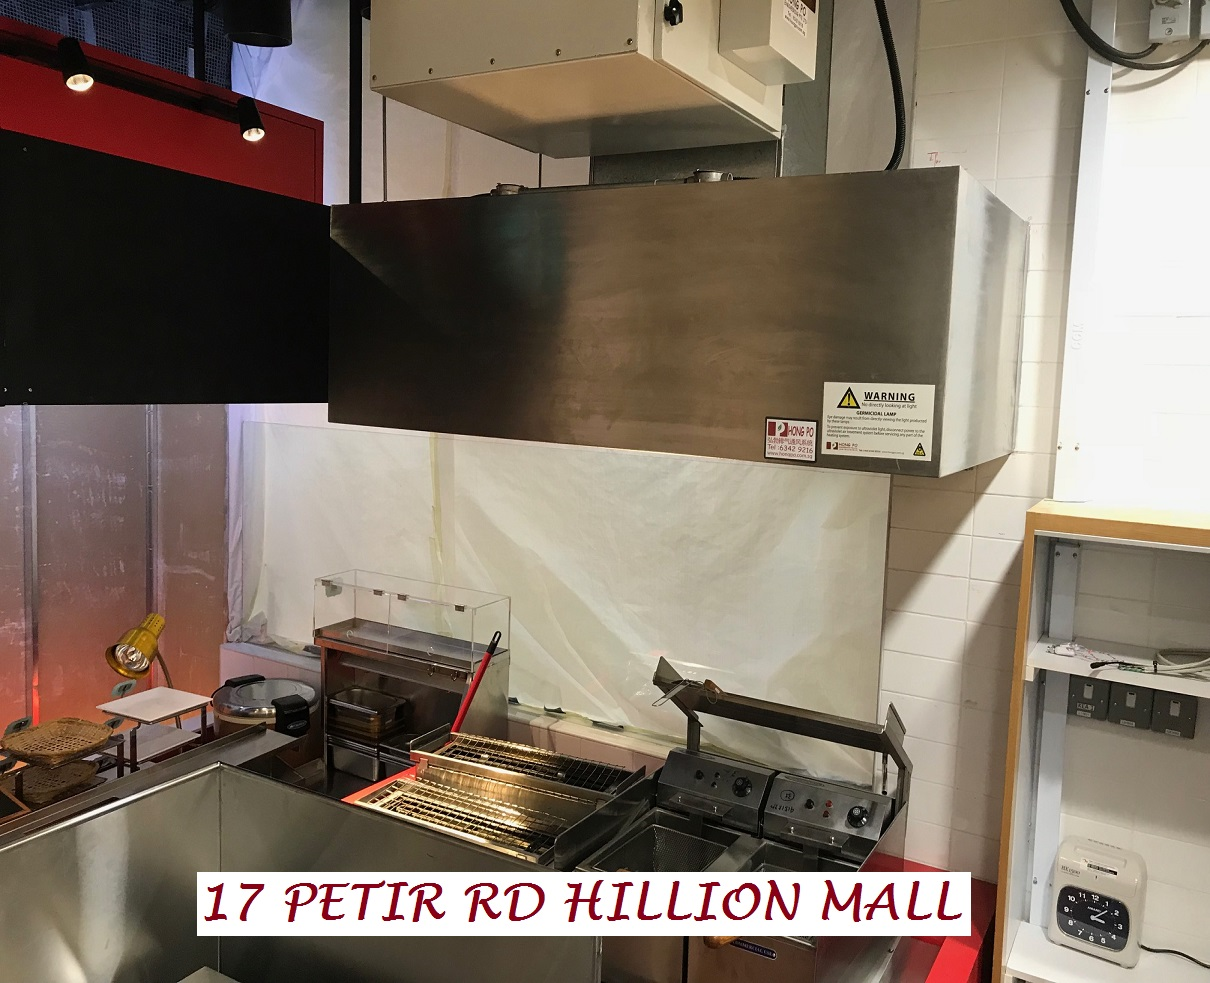 17 PETIR RD HILLION MALL 1